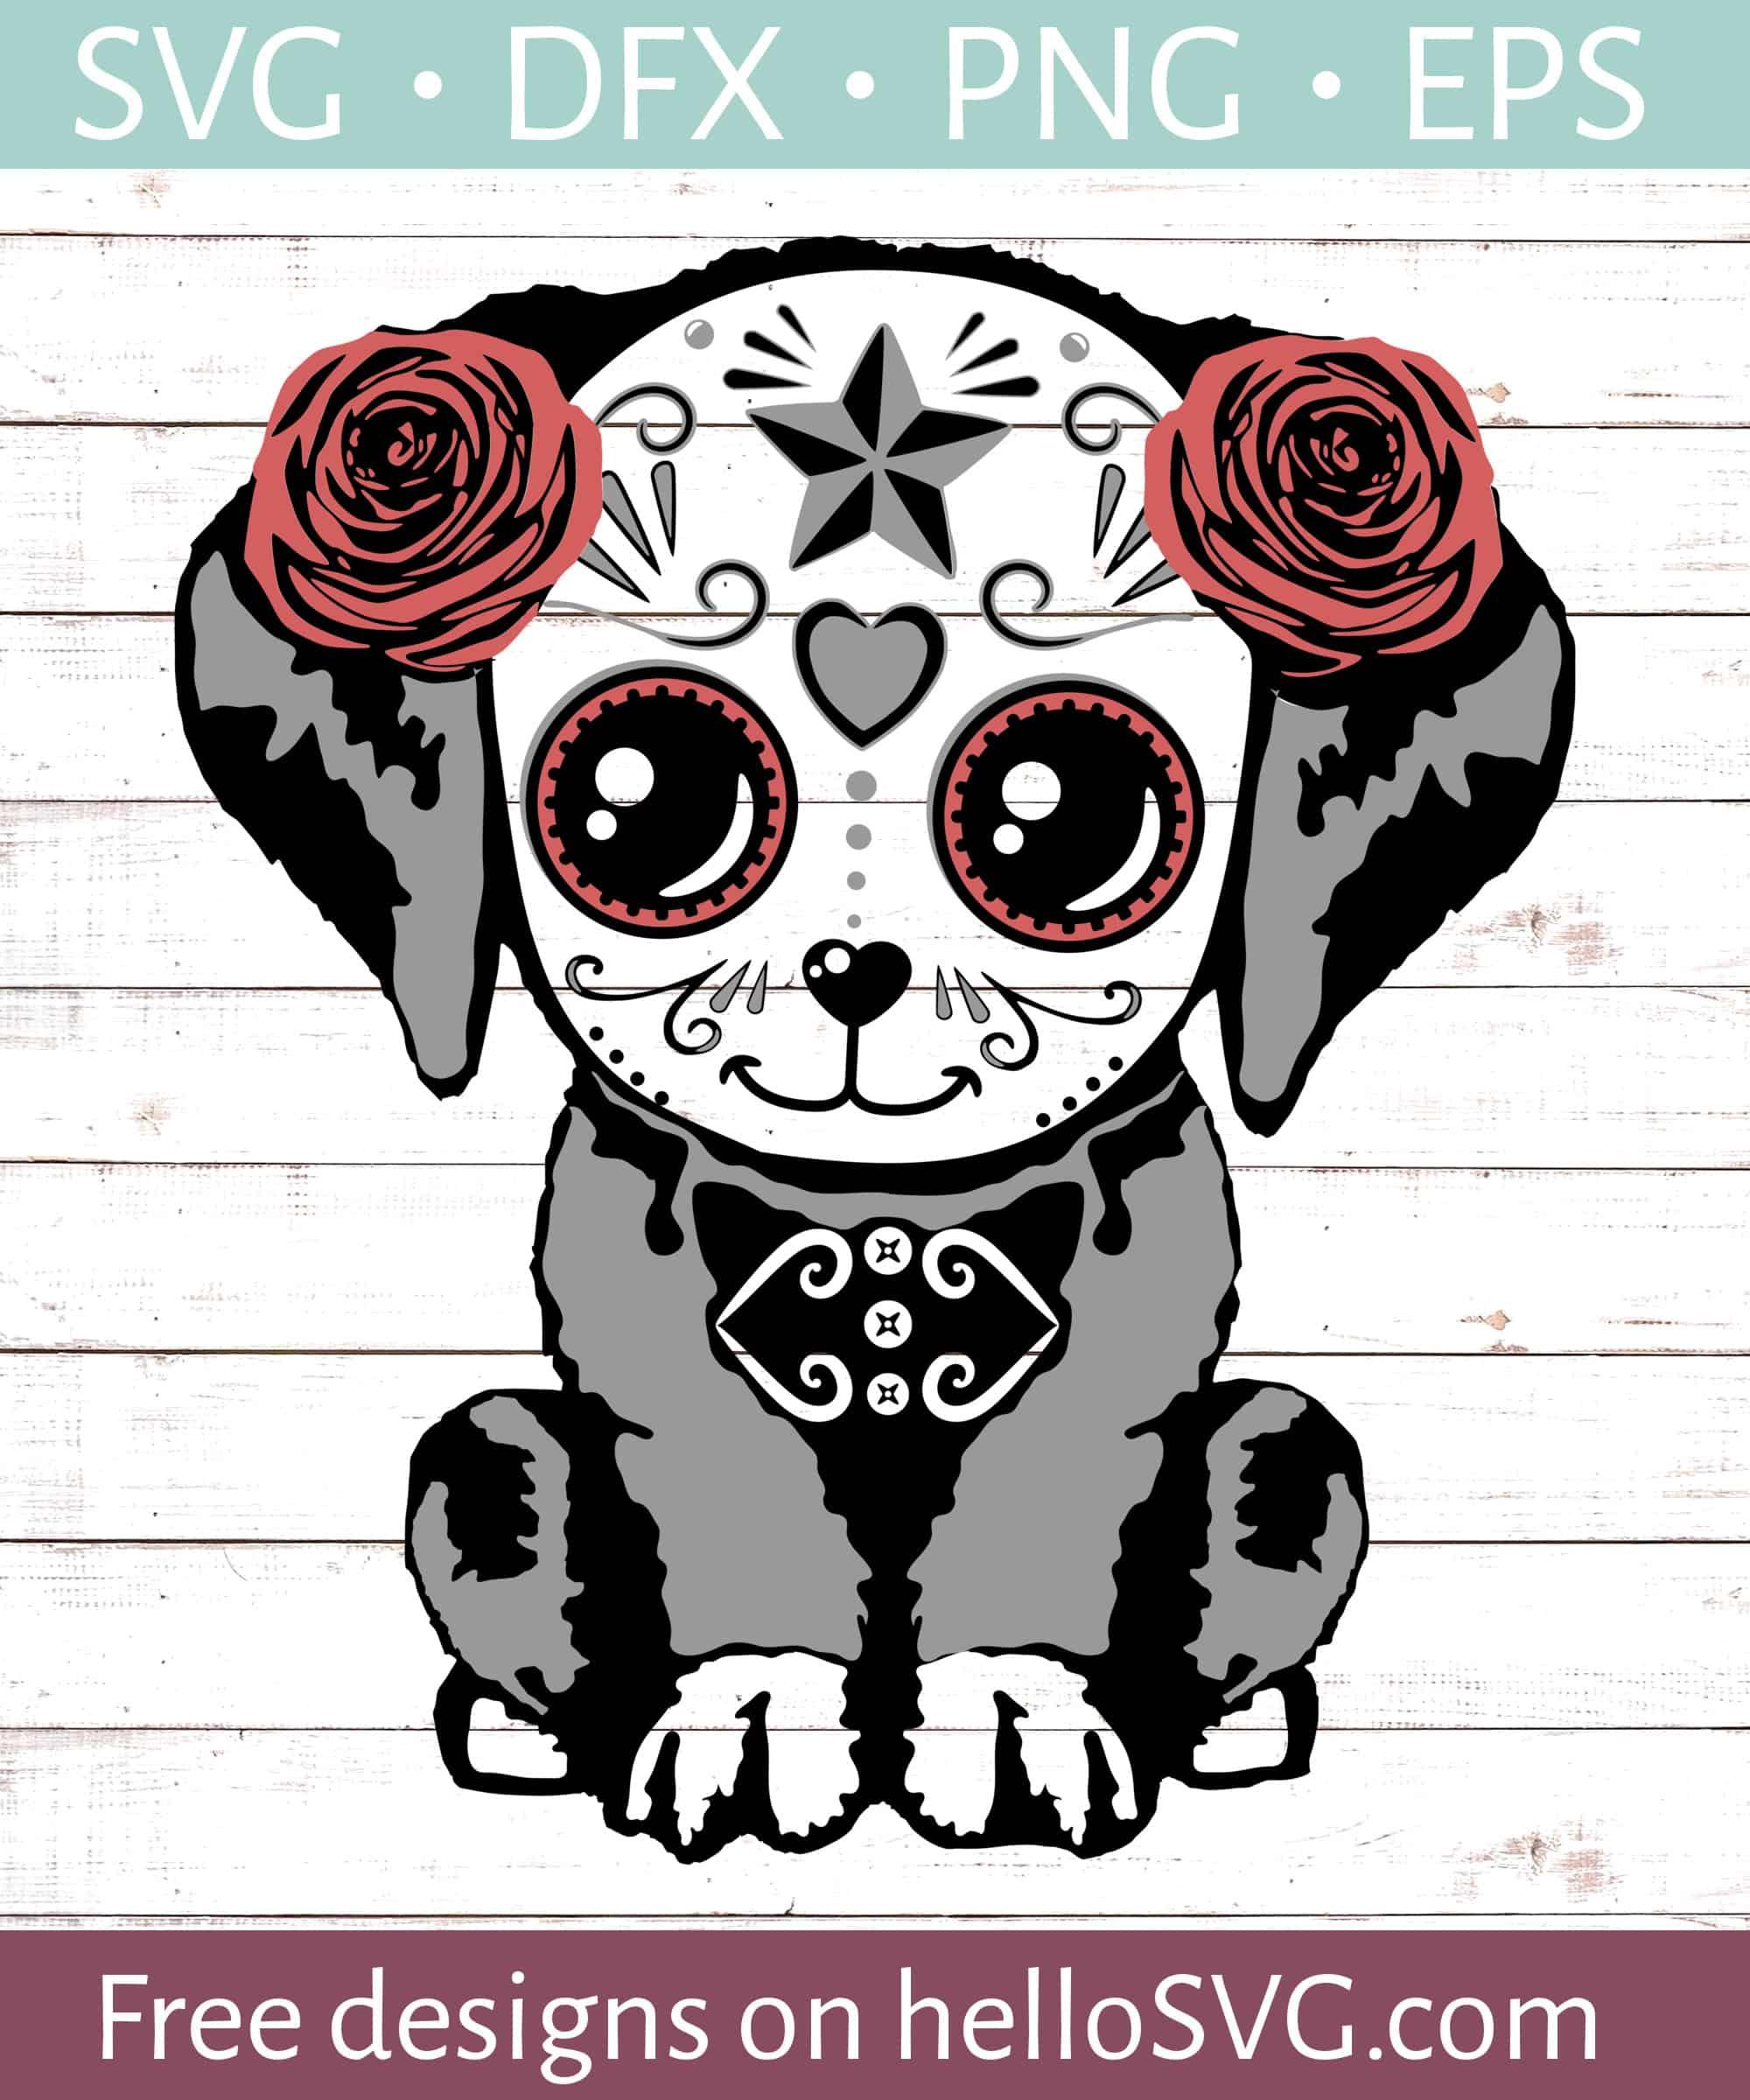 Download Sugar Skull Dog #1 SVG - Free SVG files | HelloSVG.com